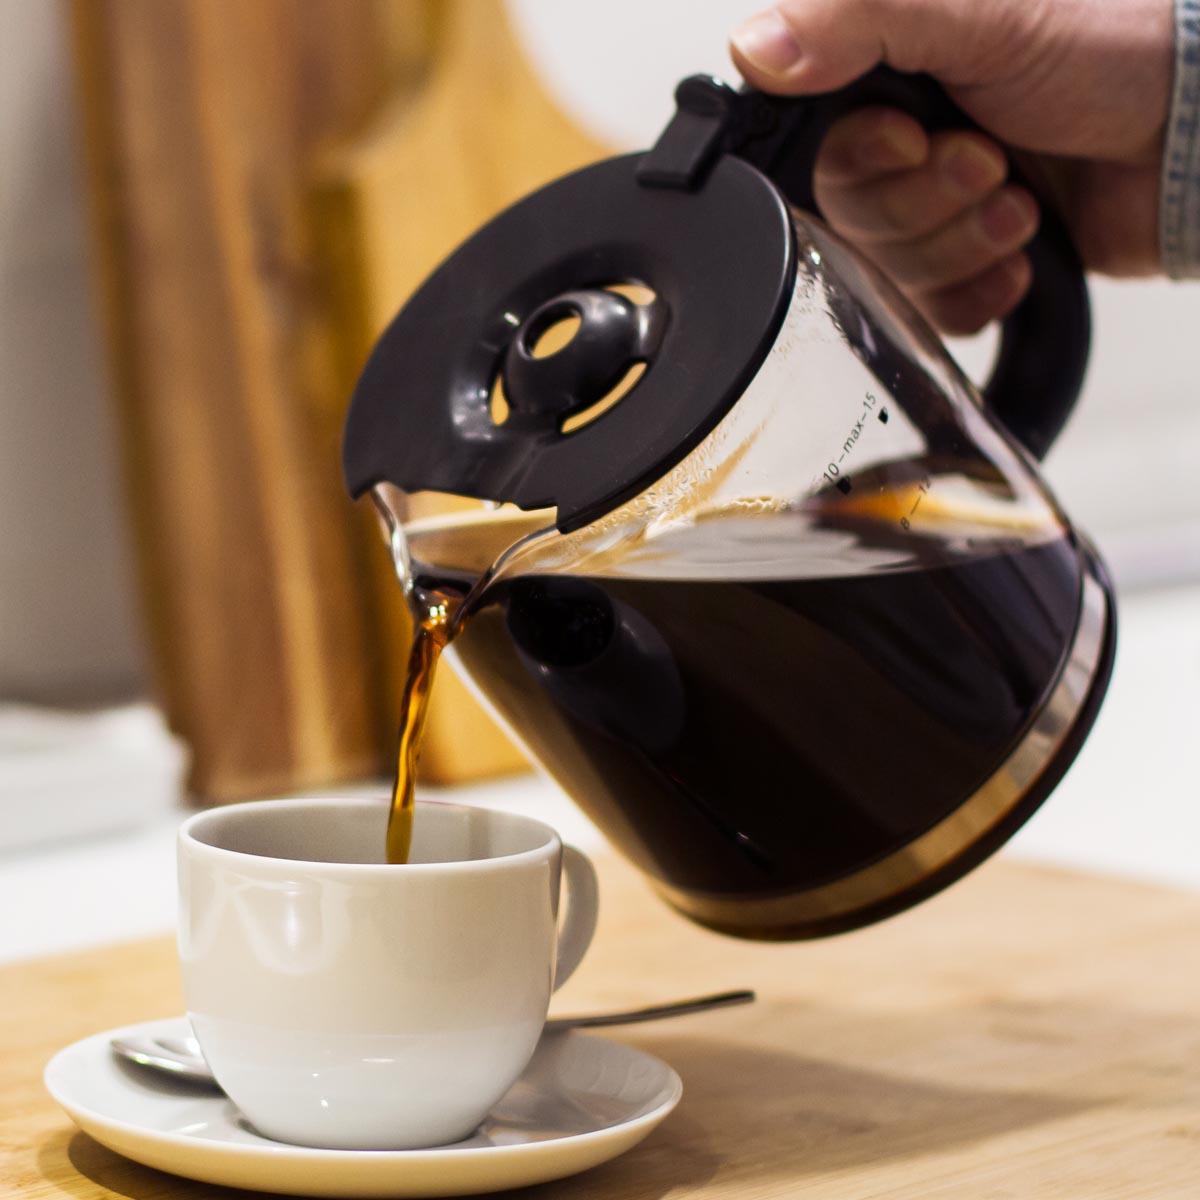 《2019年》人気のおすすめコーヒーメーカー17選! 全自動、ミル付き、おしゃれモデルも